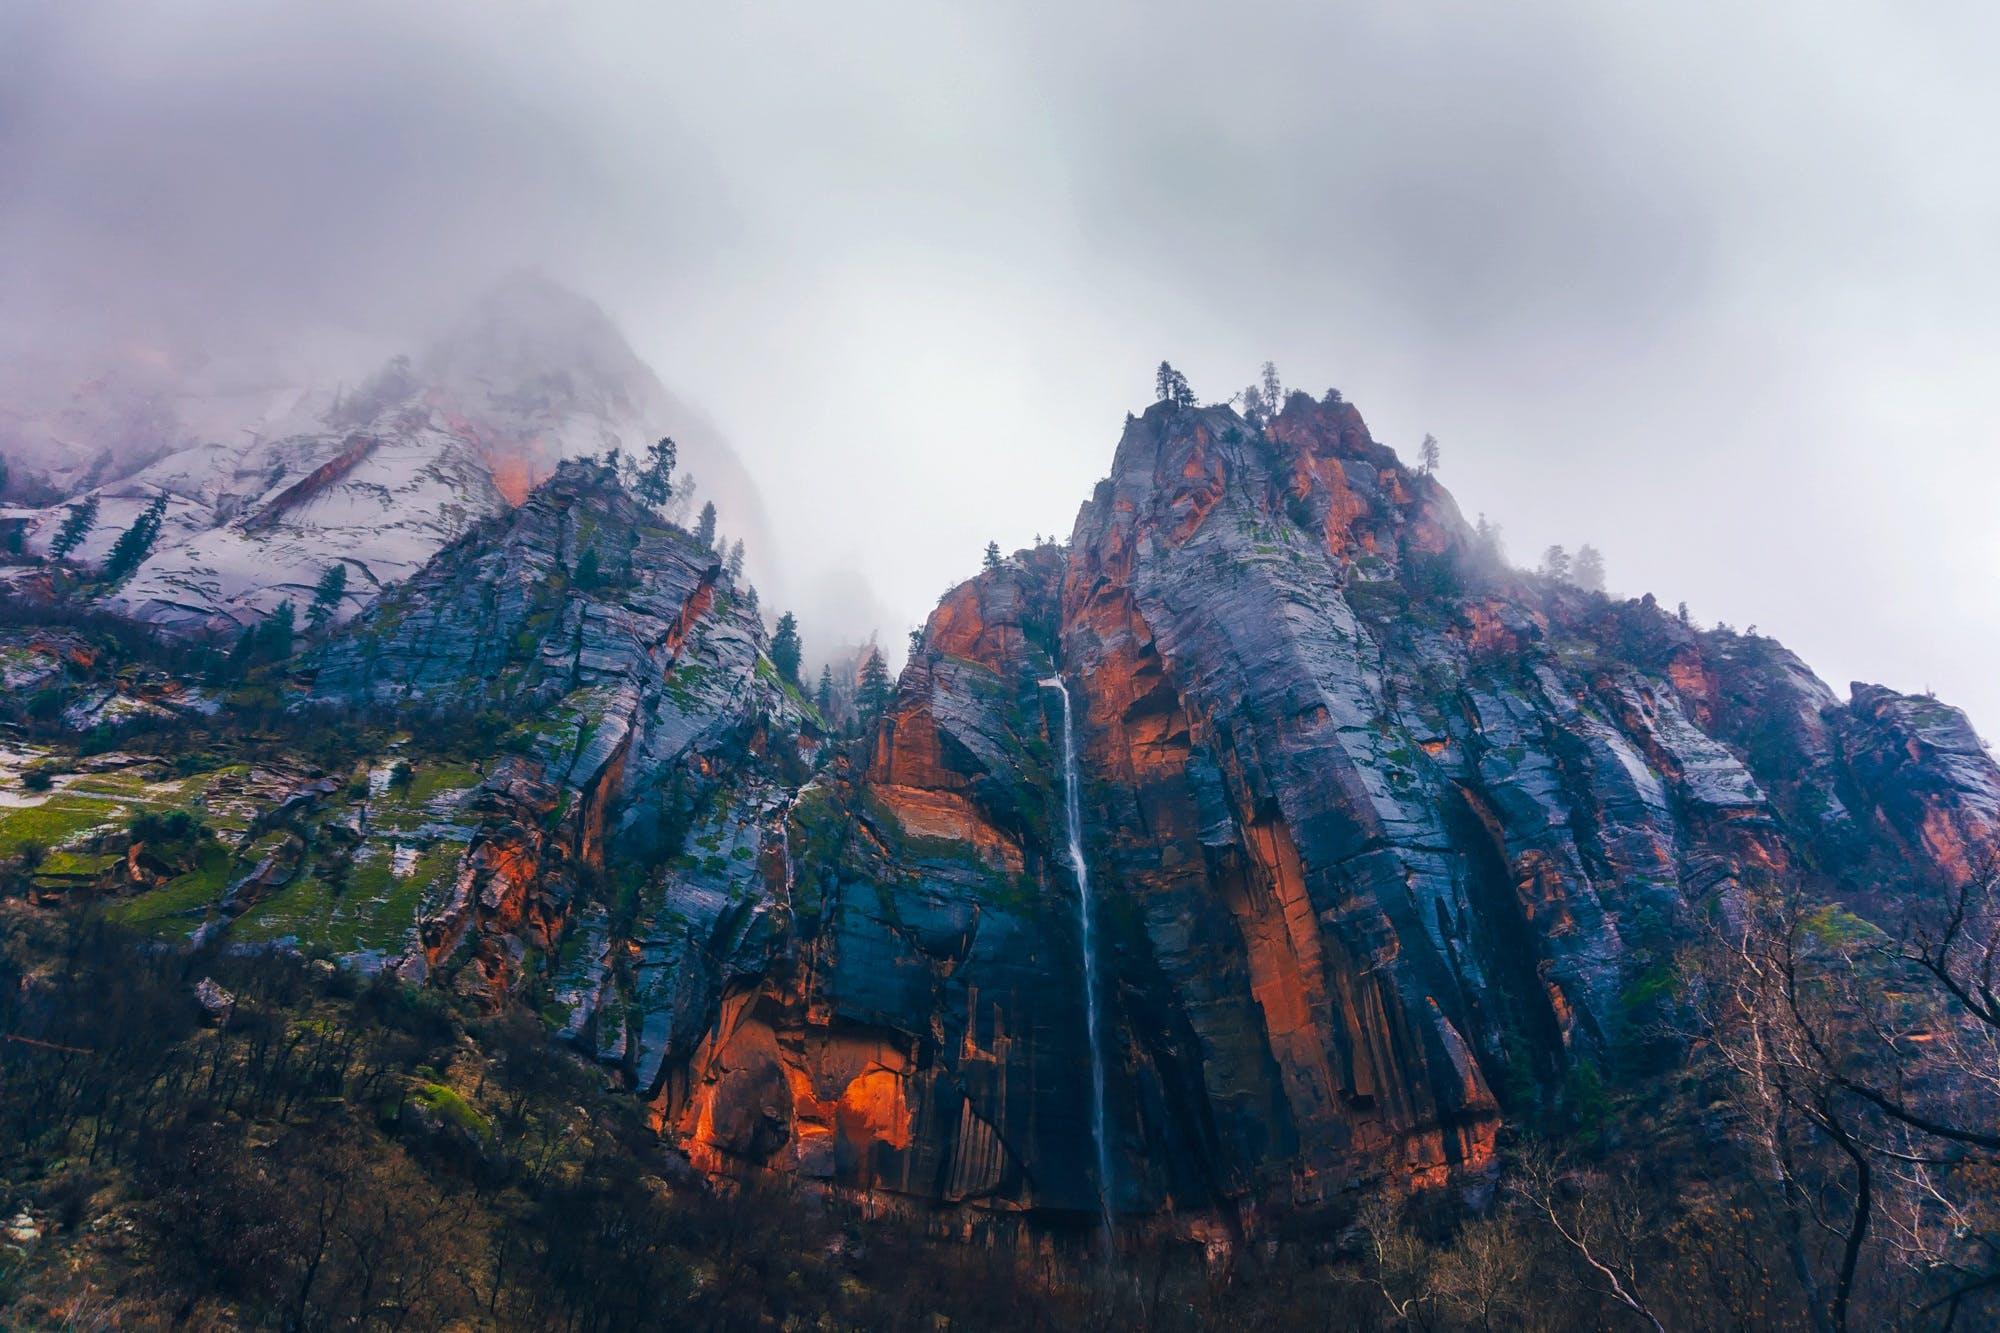 Δωρεάν στοκ φωτογραφιών με αναρριχώμαι, αυγή, βουνό, βουνοκορφή